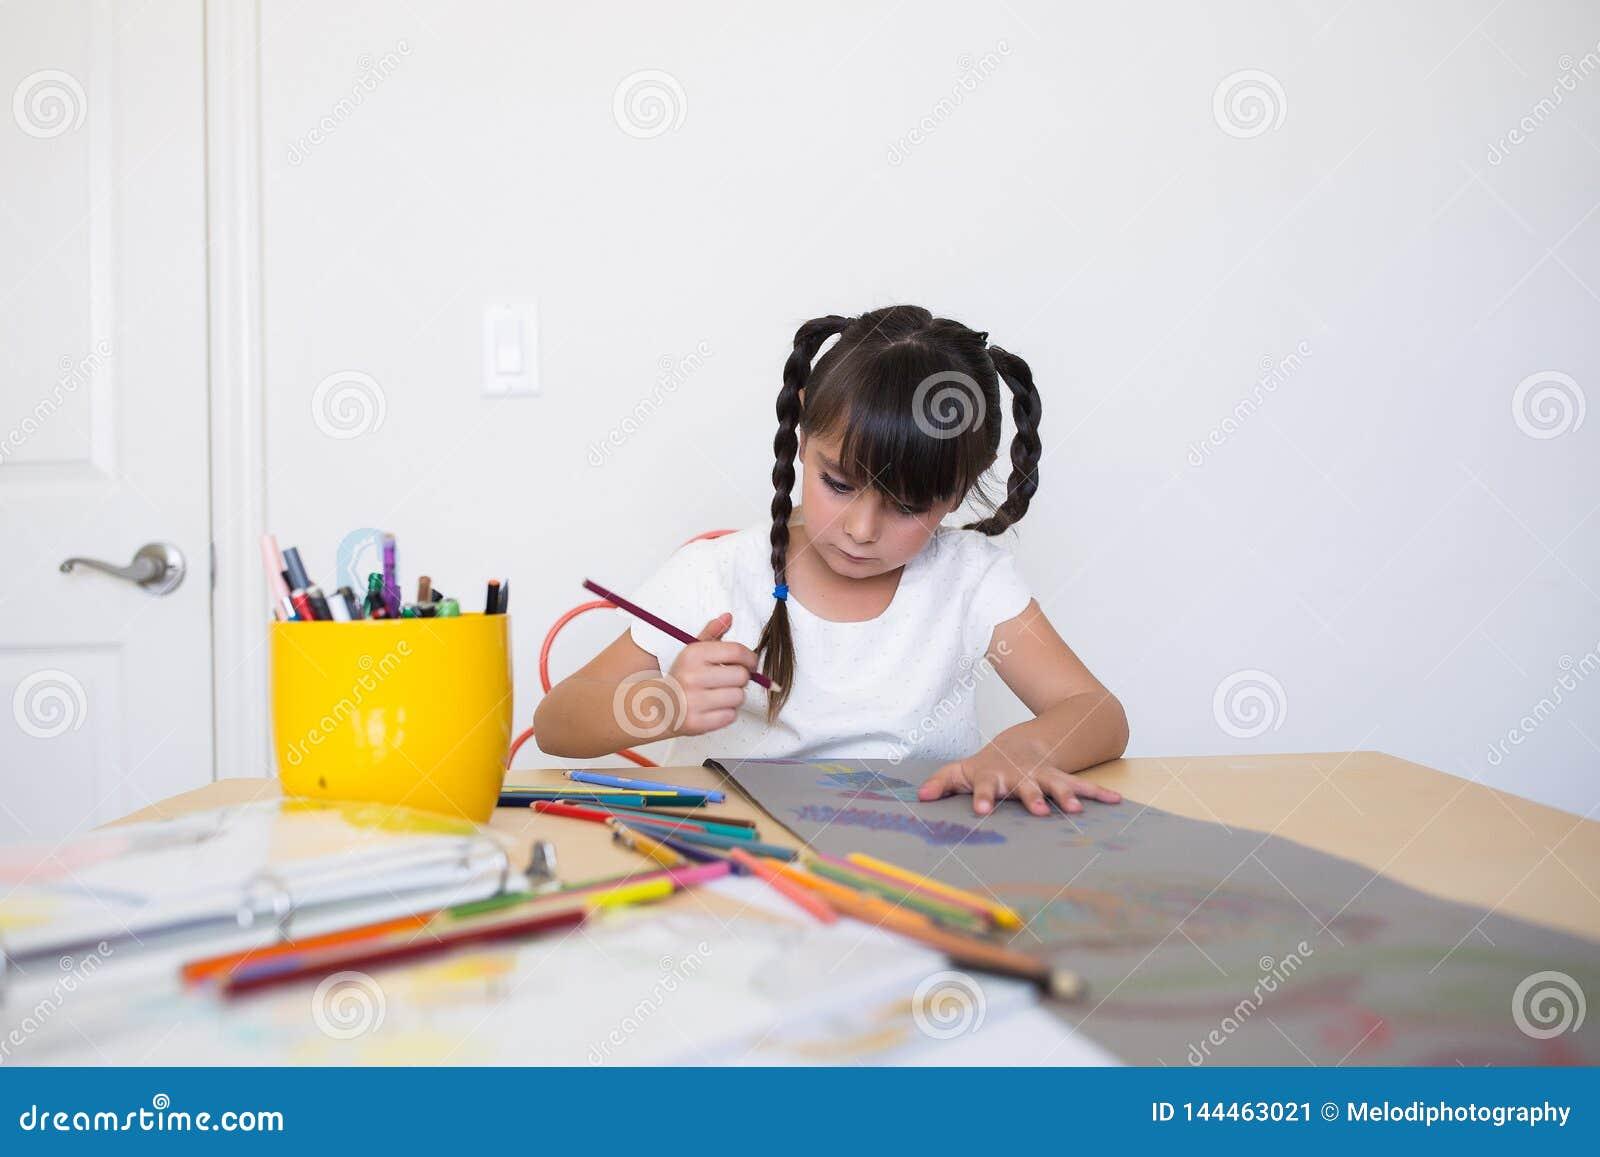 Girl making artwork